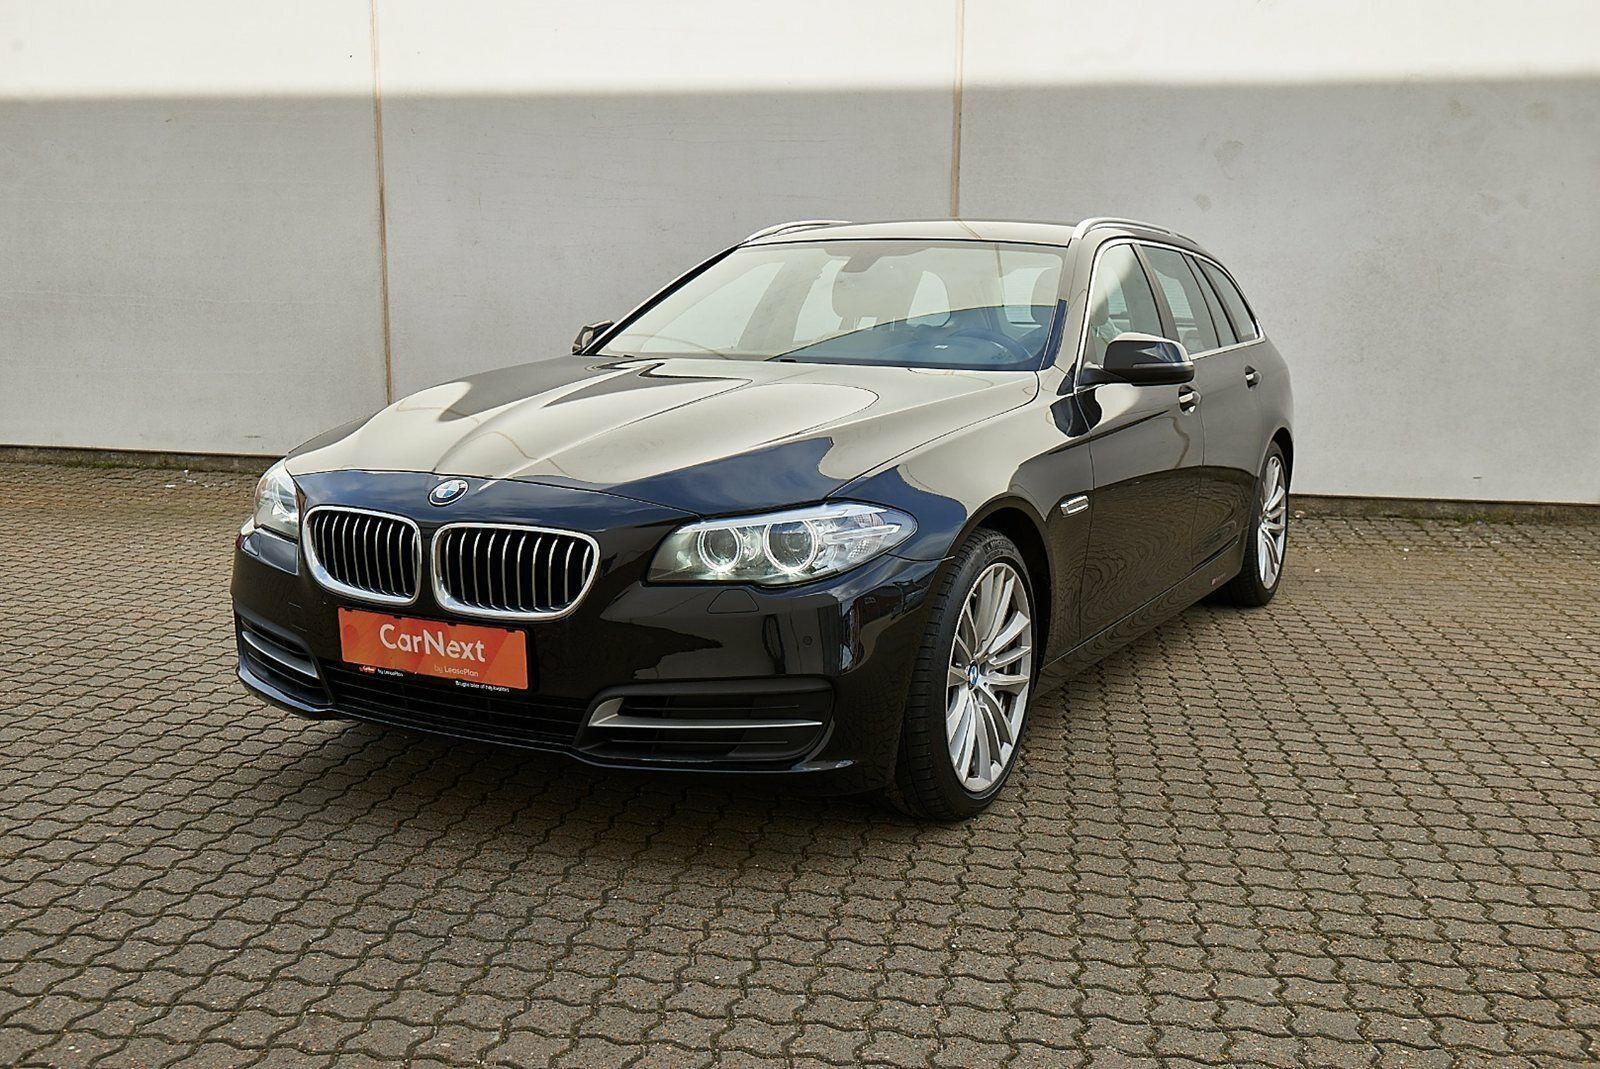 BMW 530d 3,0 Touring aut. 5d - 429.900 kr.